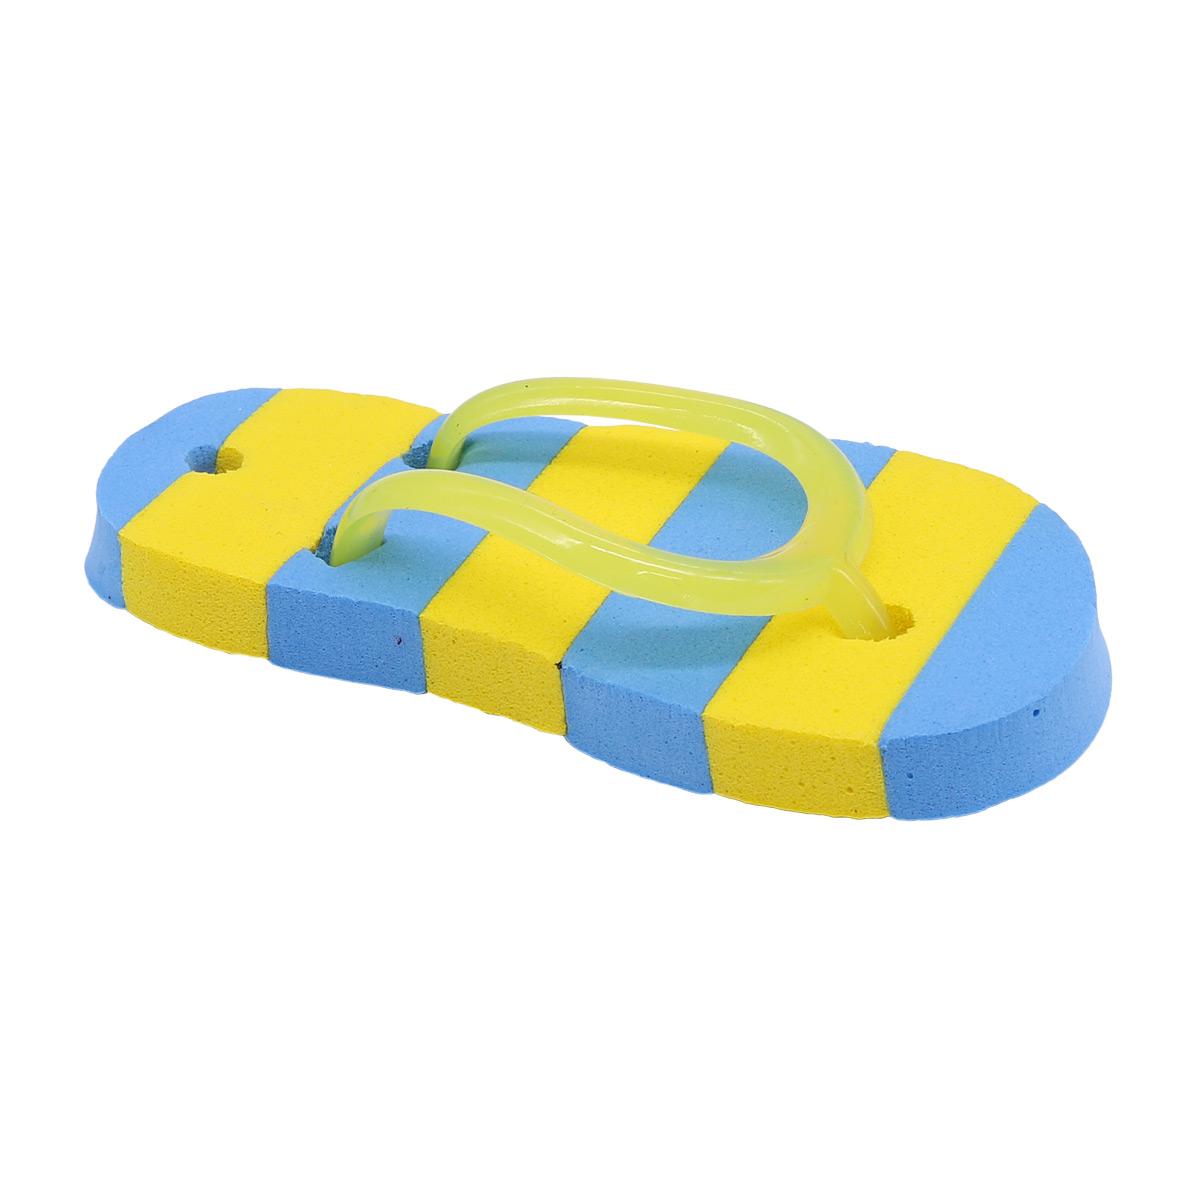 AR1057 Сланцы полосатые для брелка 7*3,5см (желтый)